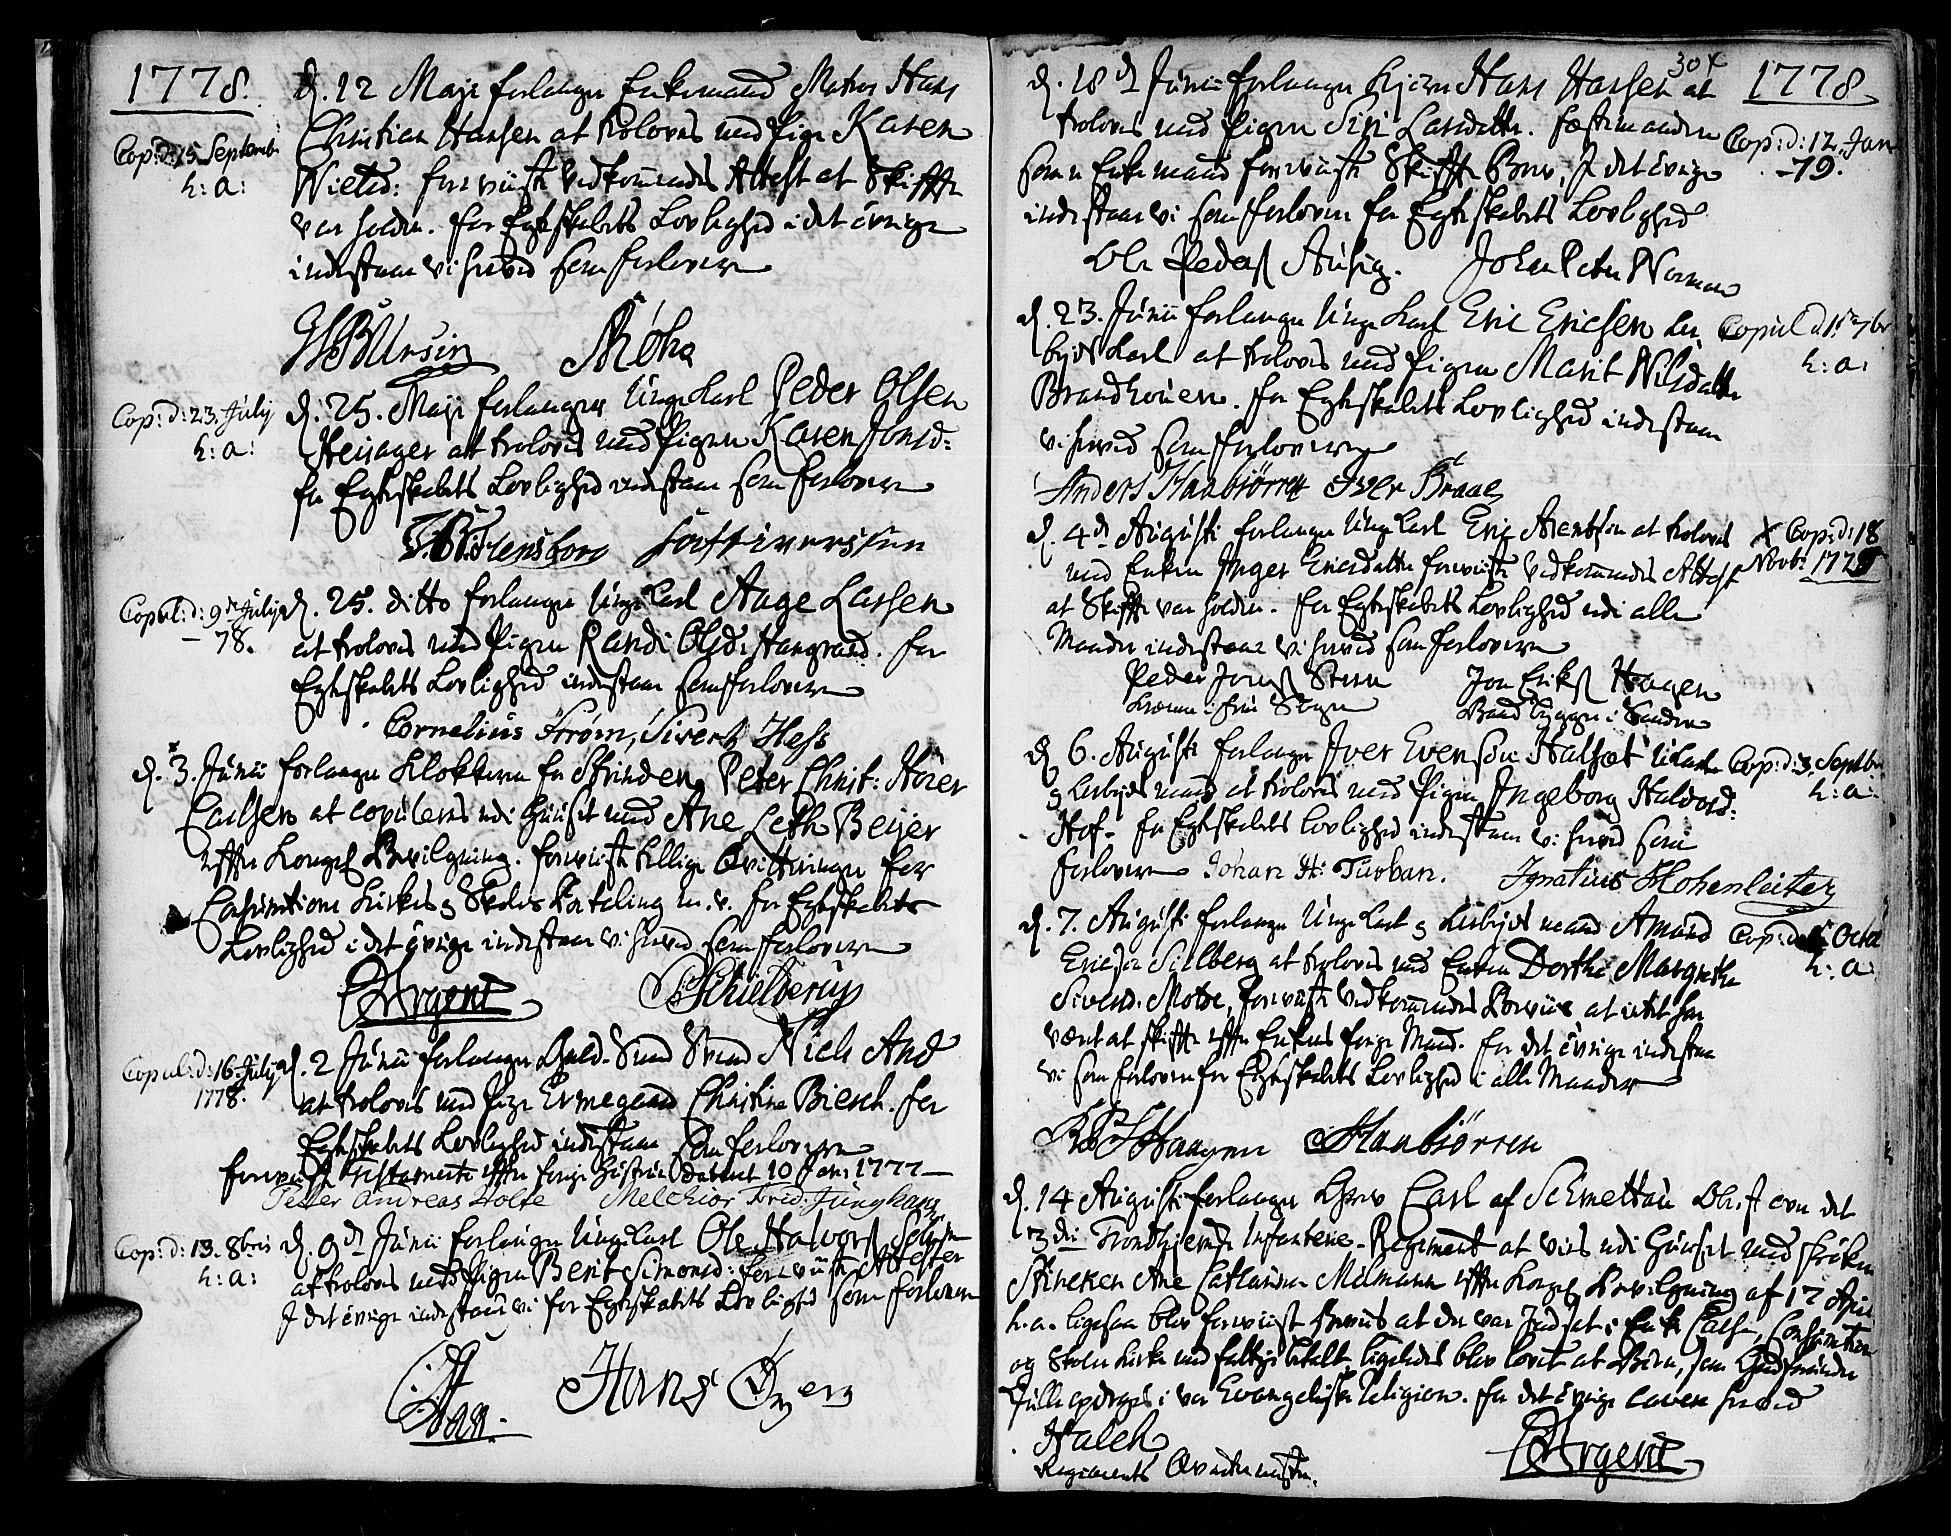 SAT, Ministerialprotokoller, klokkerbøker og fødselsregistre - Sør-Trøndelag, 601/L0038: Ministerialbok nr. 601A06, 1766-1877, s. 304